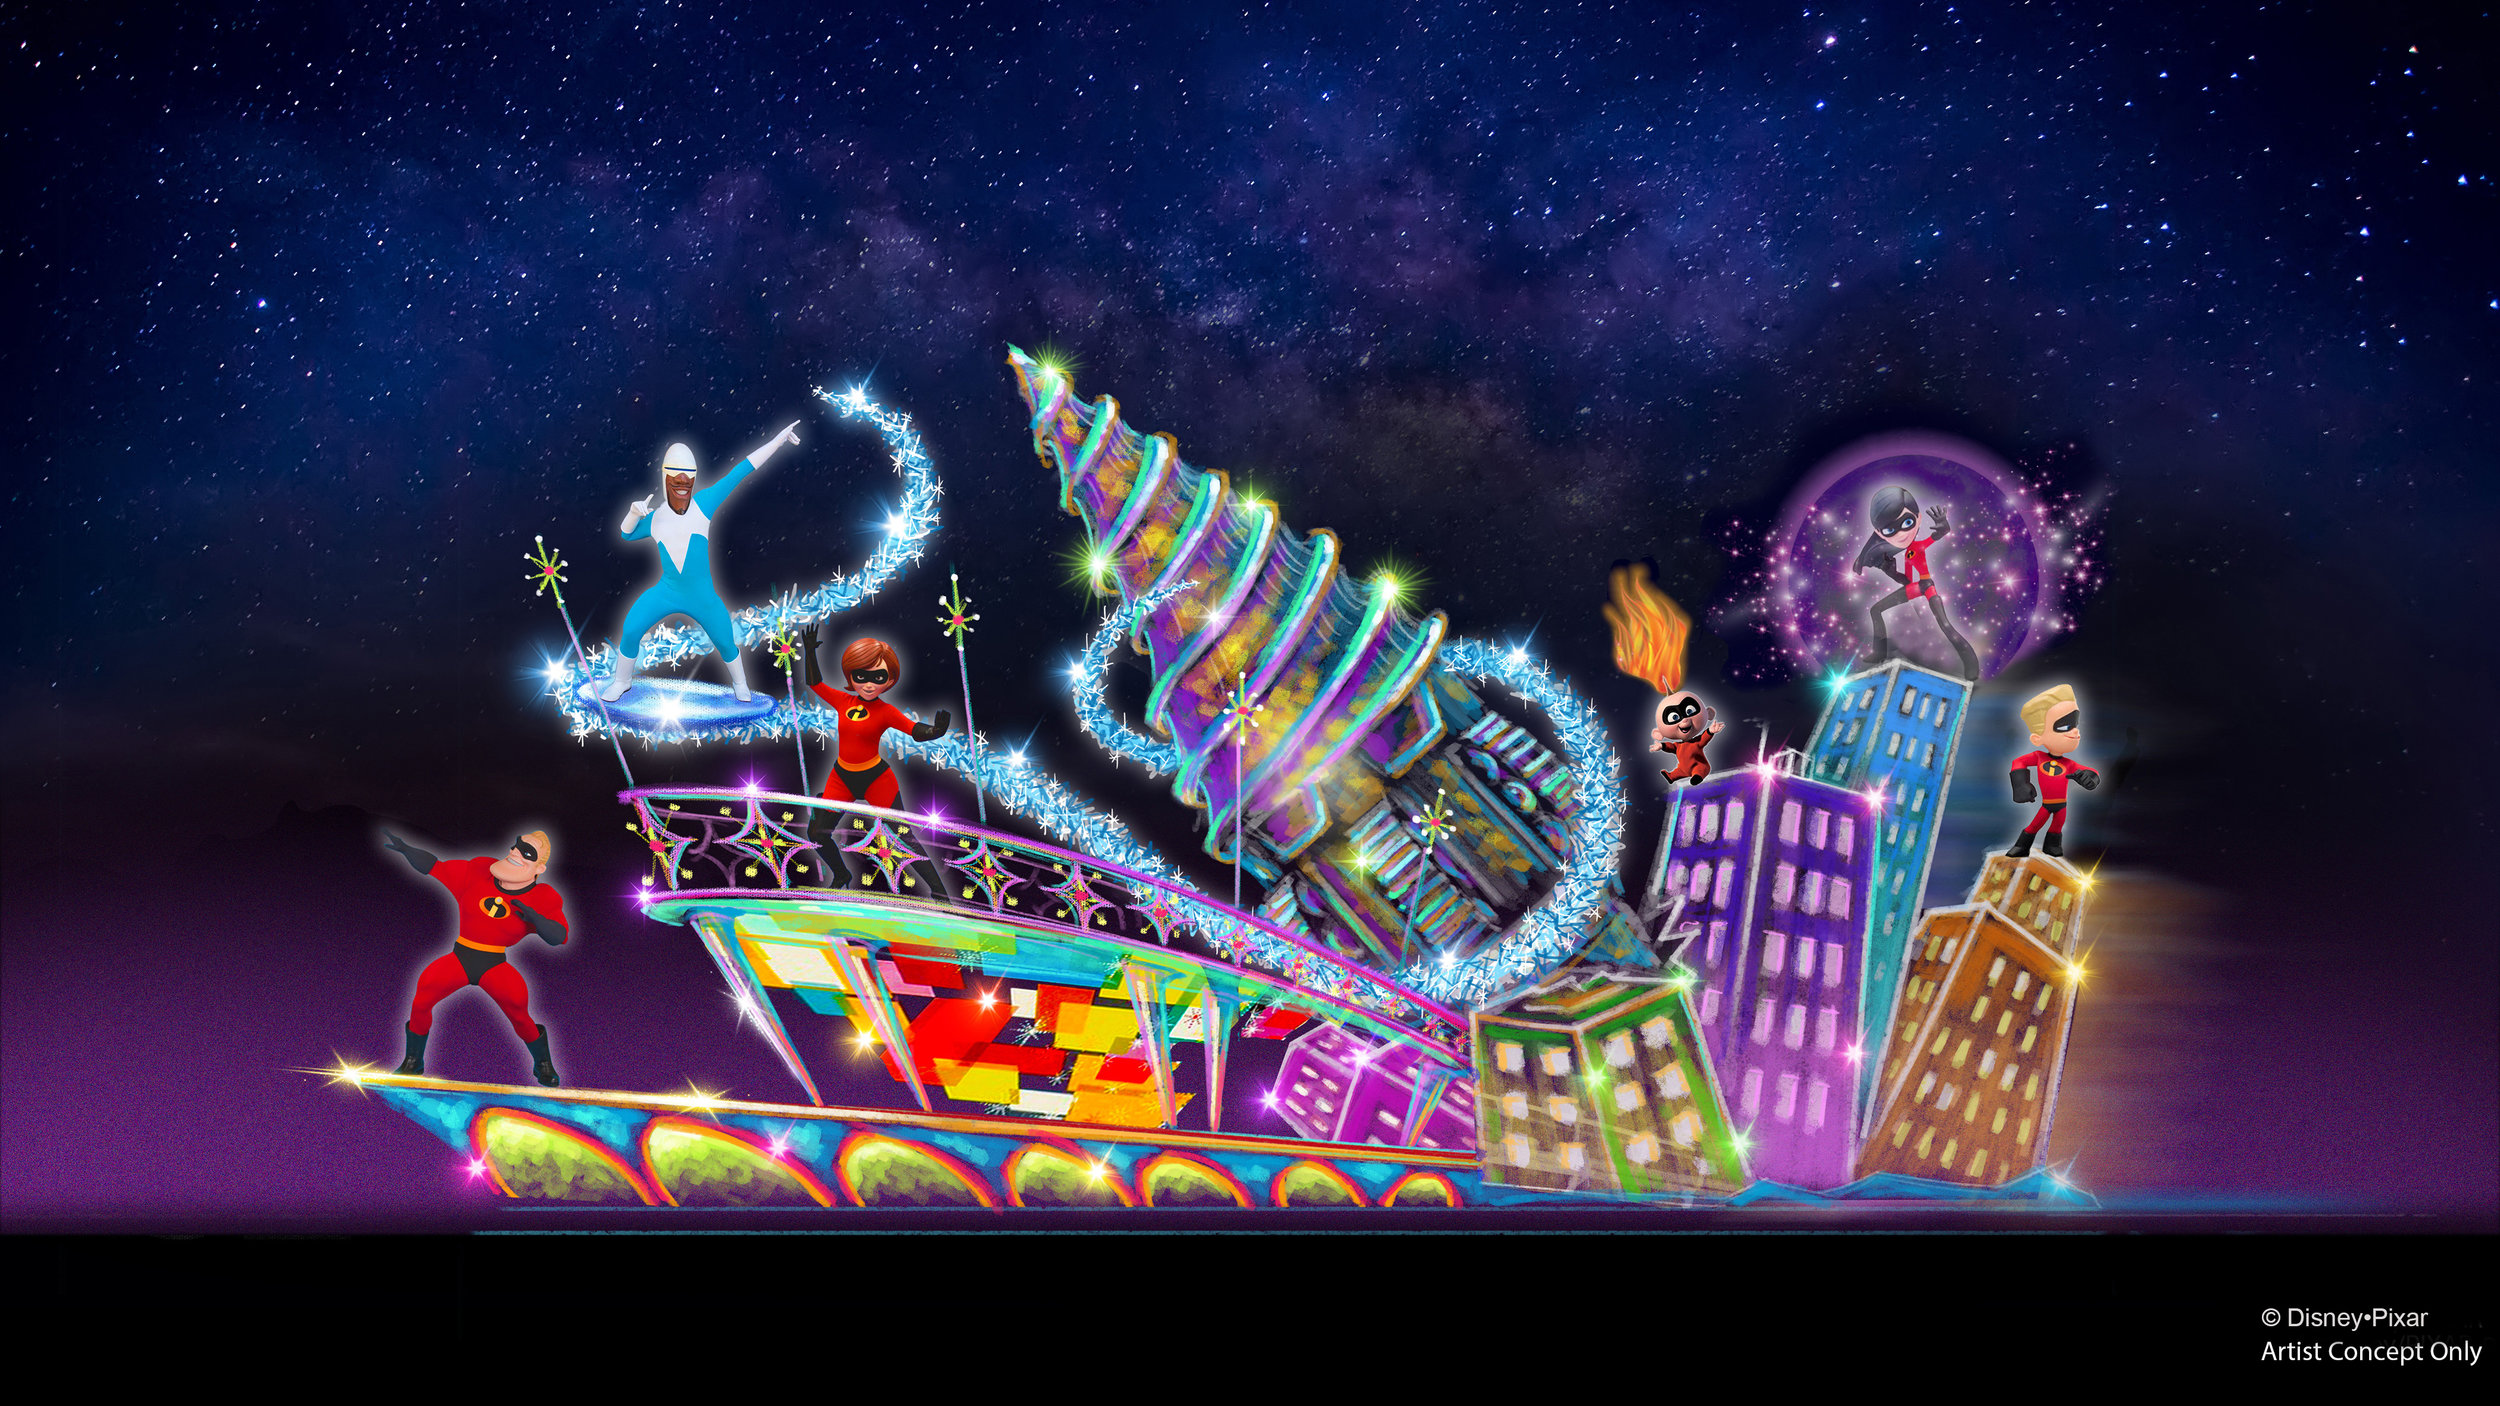 Image_DLR_Pixar-Fest-Incredibles-Float.jpg